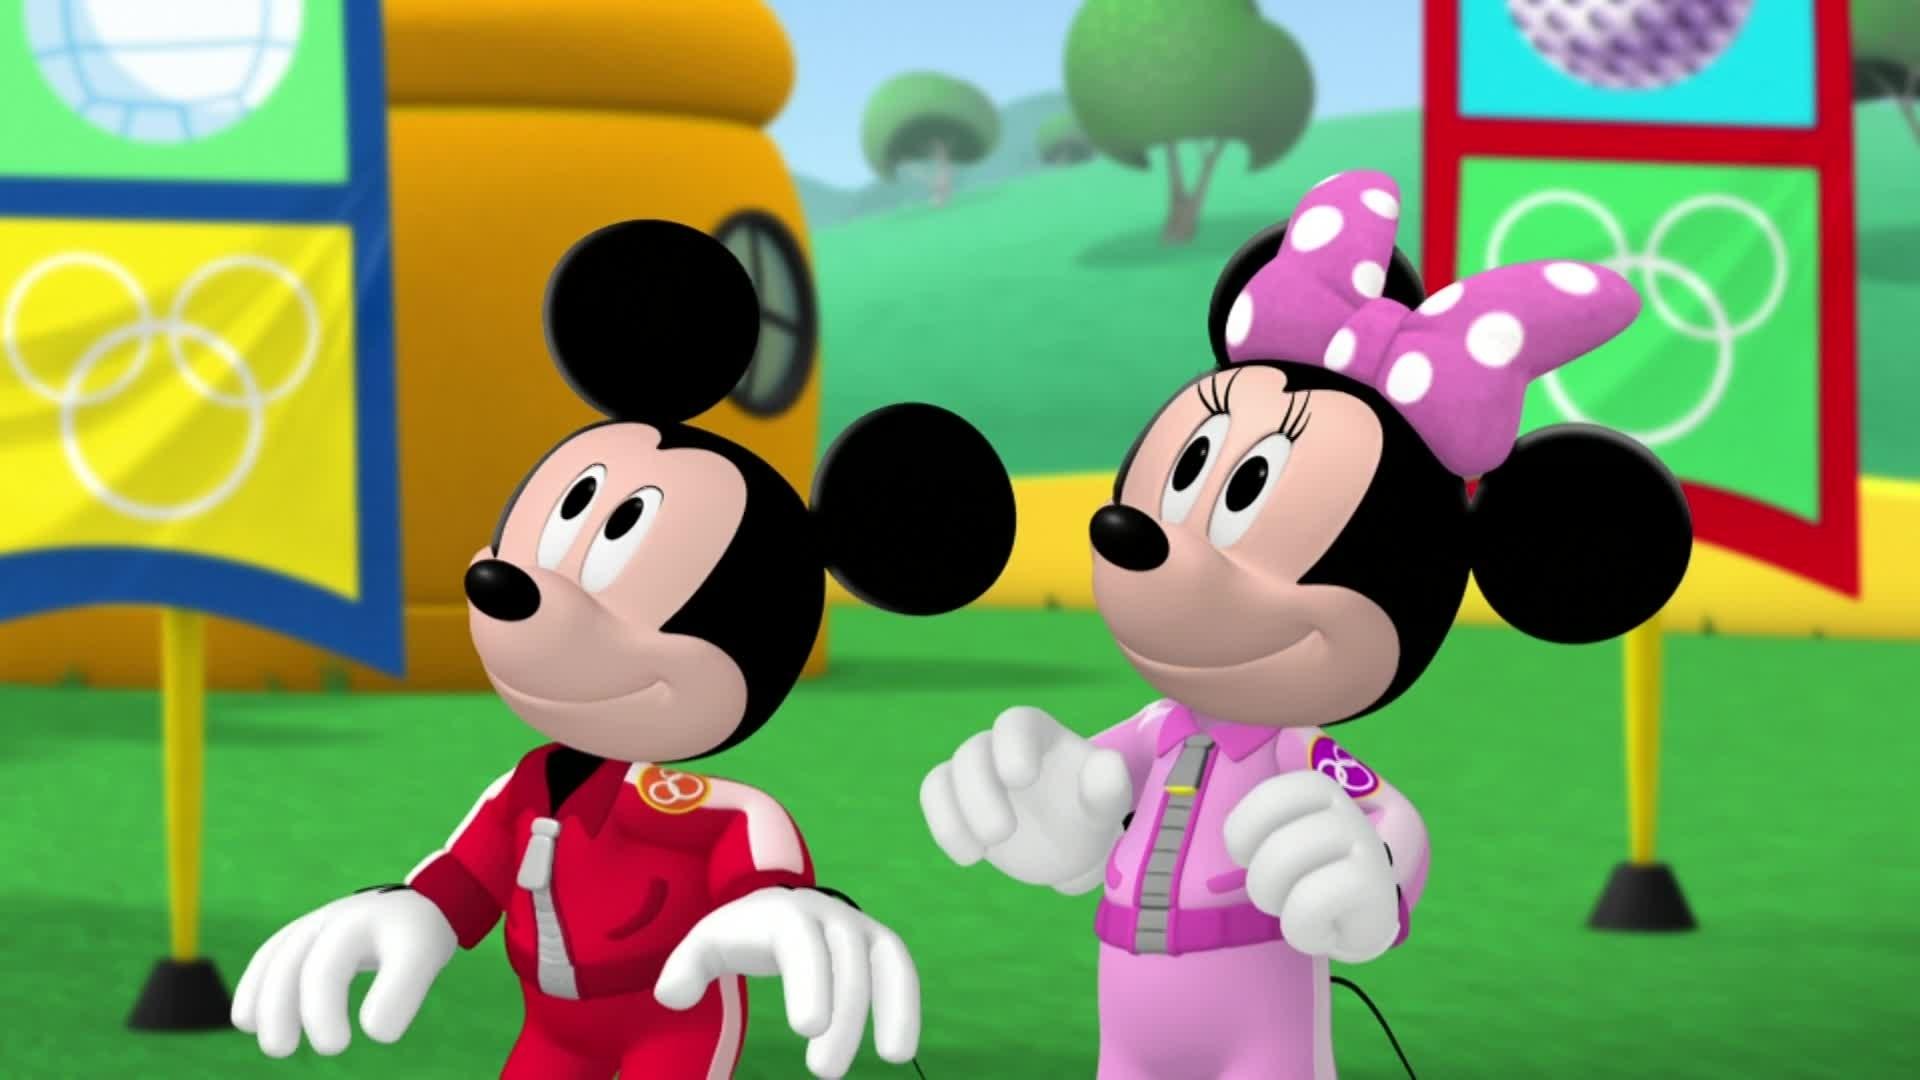 La Maison de Mickey - Athlète de haut niveau